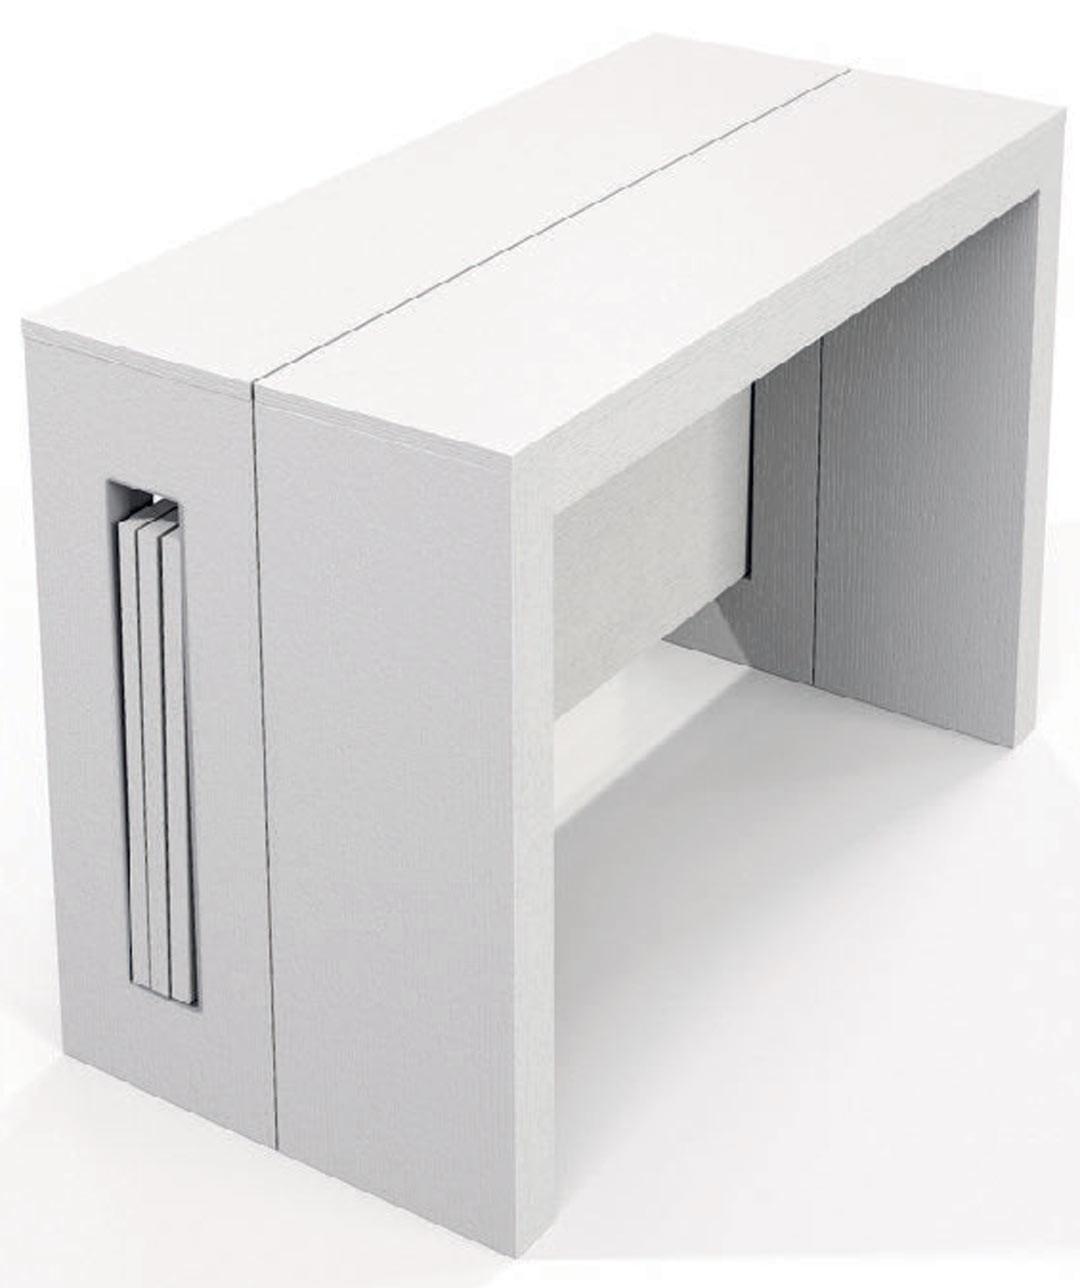 Console Table Extensible Blanche NahtiMatelpro Contemporaine lTK1cFJ